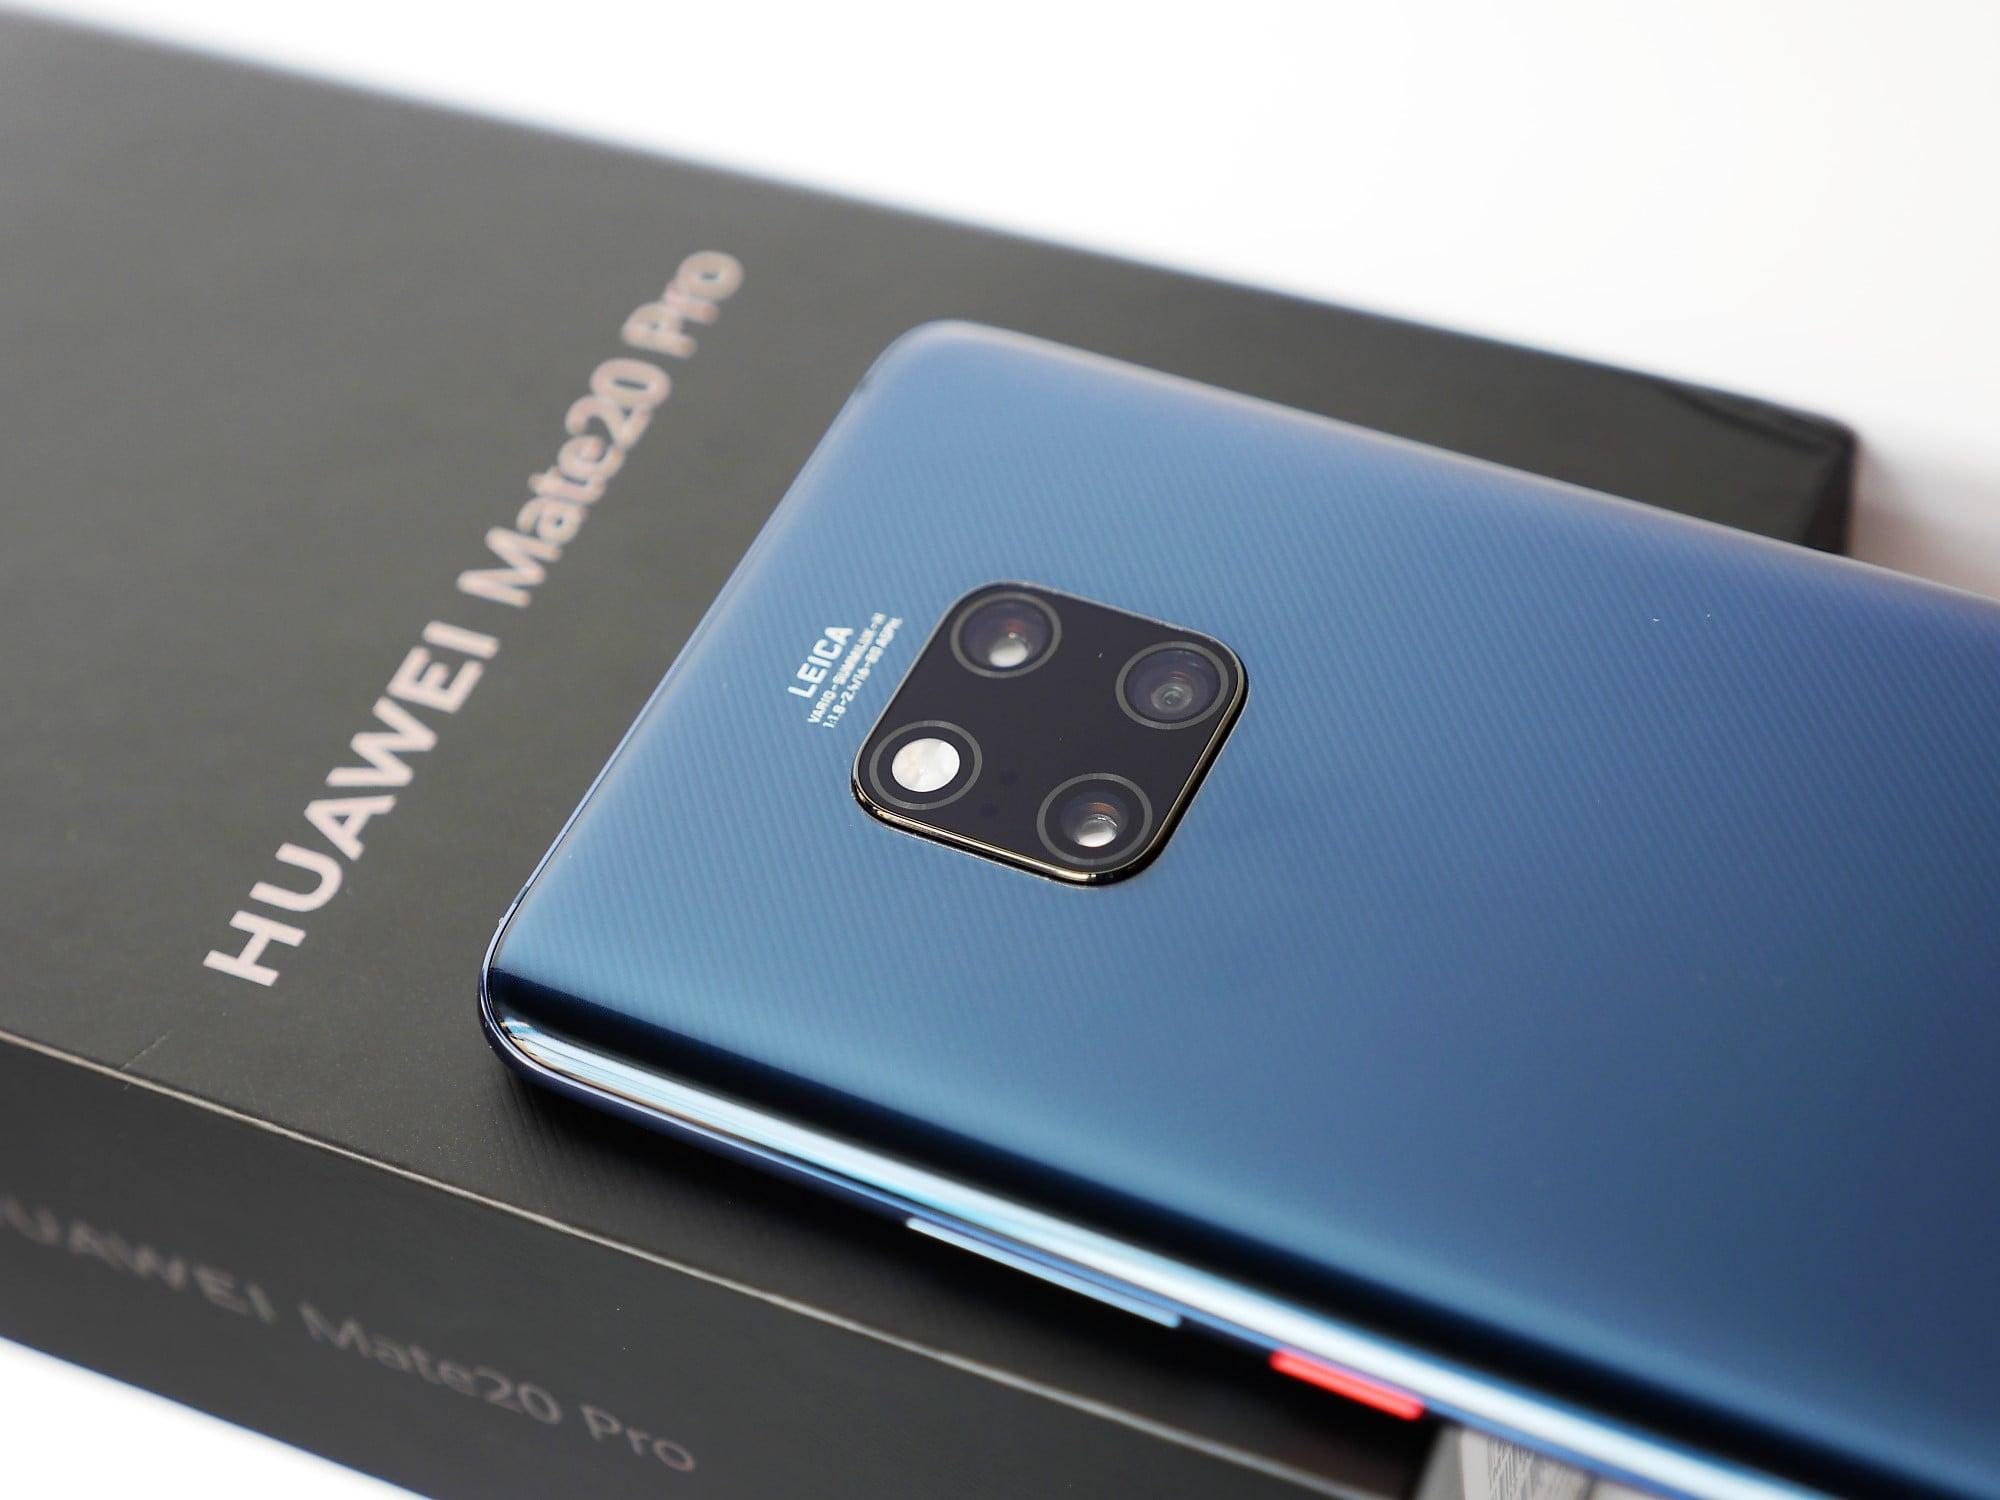 Huawei Mate 20 Pro - ultraszeroki kąt w aparacie, indukcyjne ładowanie, czytnik w (zakrzywionym) ekranie i wiele więcej. Pierwsze wrażenia 28